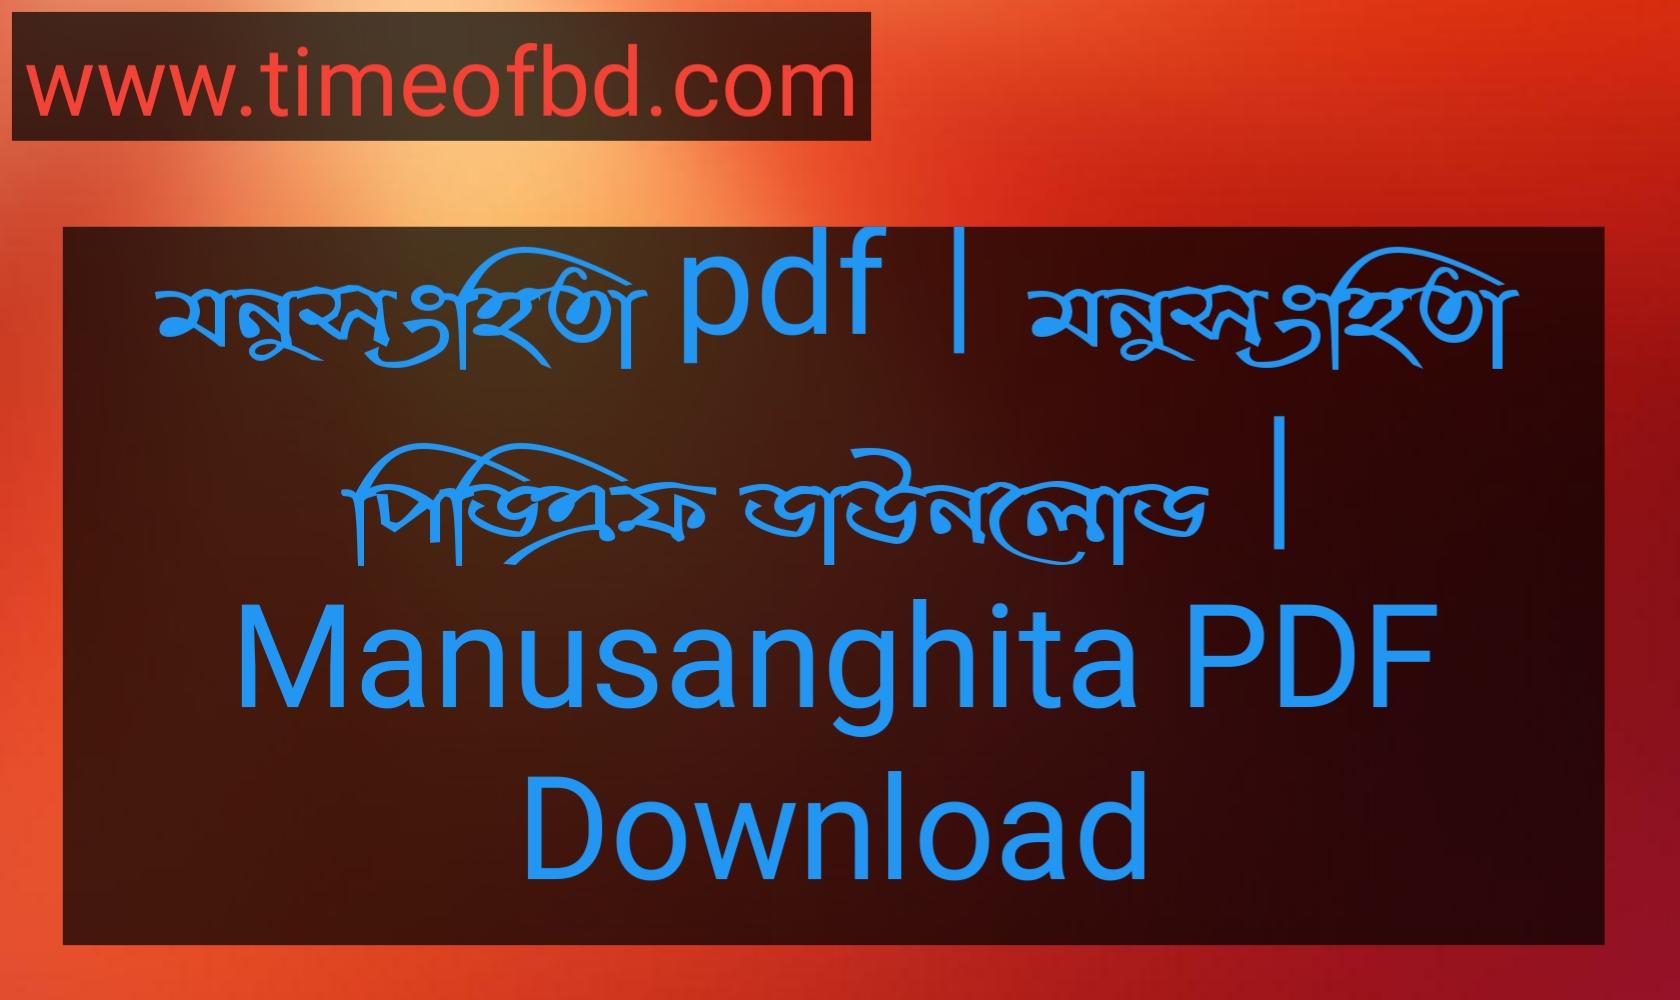 মনুসংহিতা pdf, মনুসংহিতা পিডিএফ ডাউনলোড, মনুসংহিতা পিডিএফ, মনুসংহিতা pdf download,